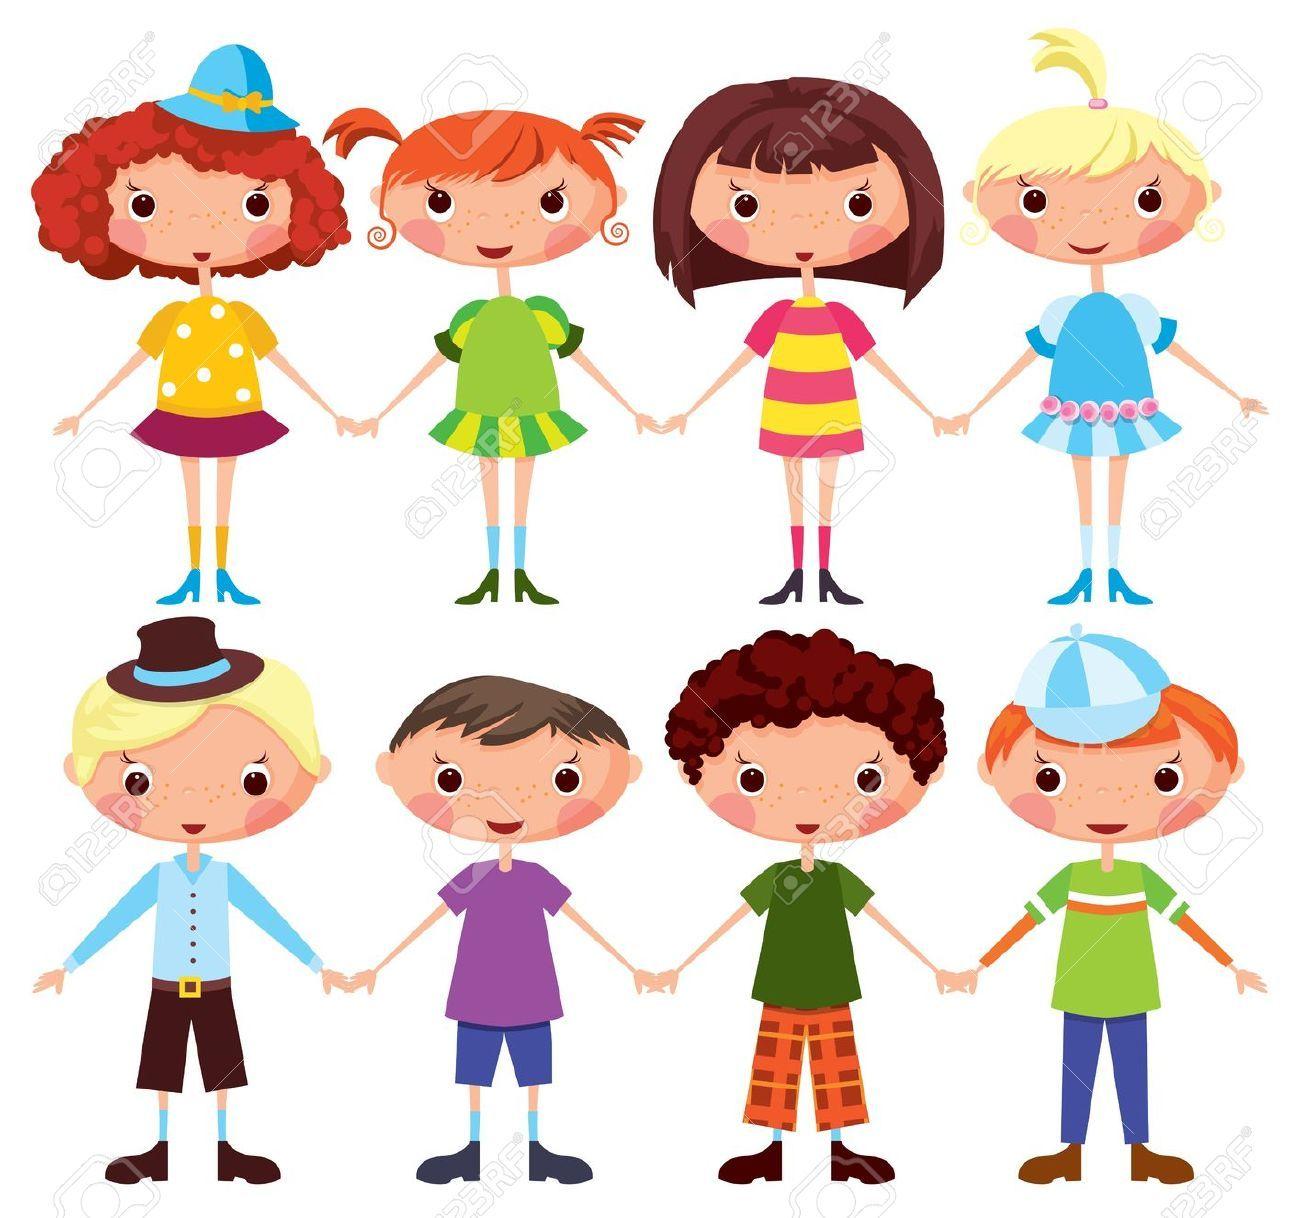 Las ni as y los ni os de dibujos animados de dibujos - Dibujos animados para bebes ...